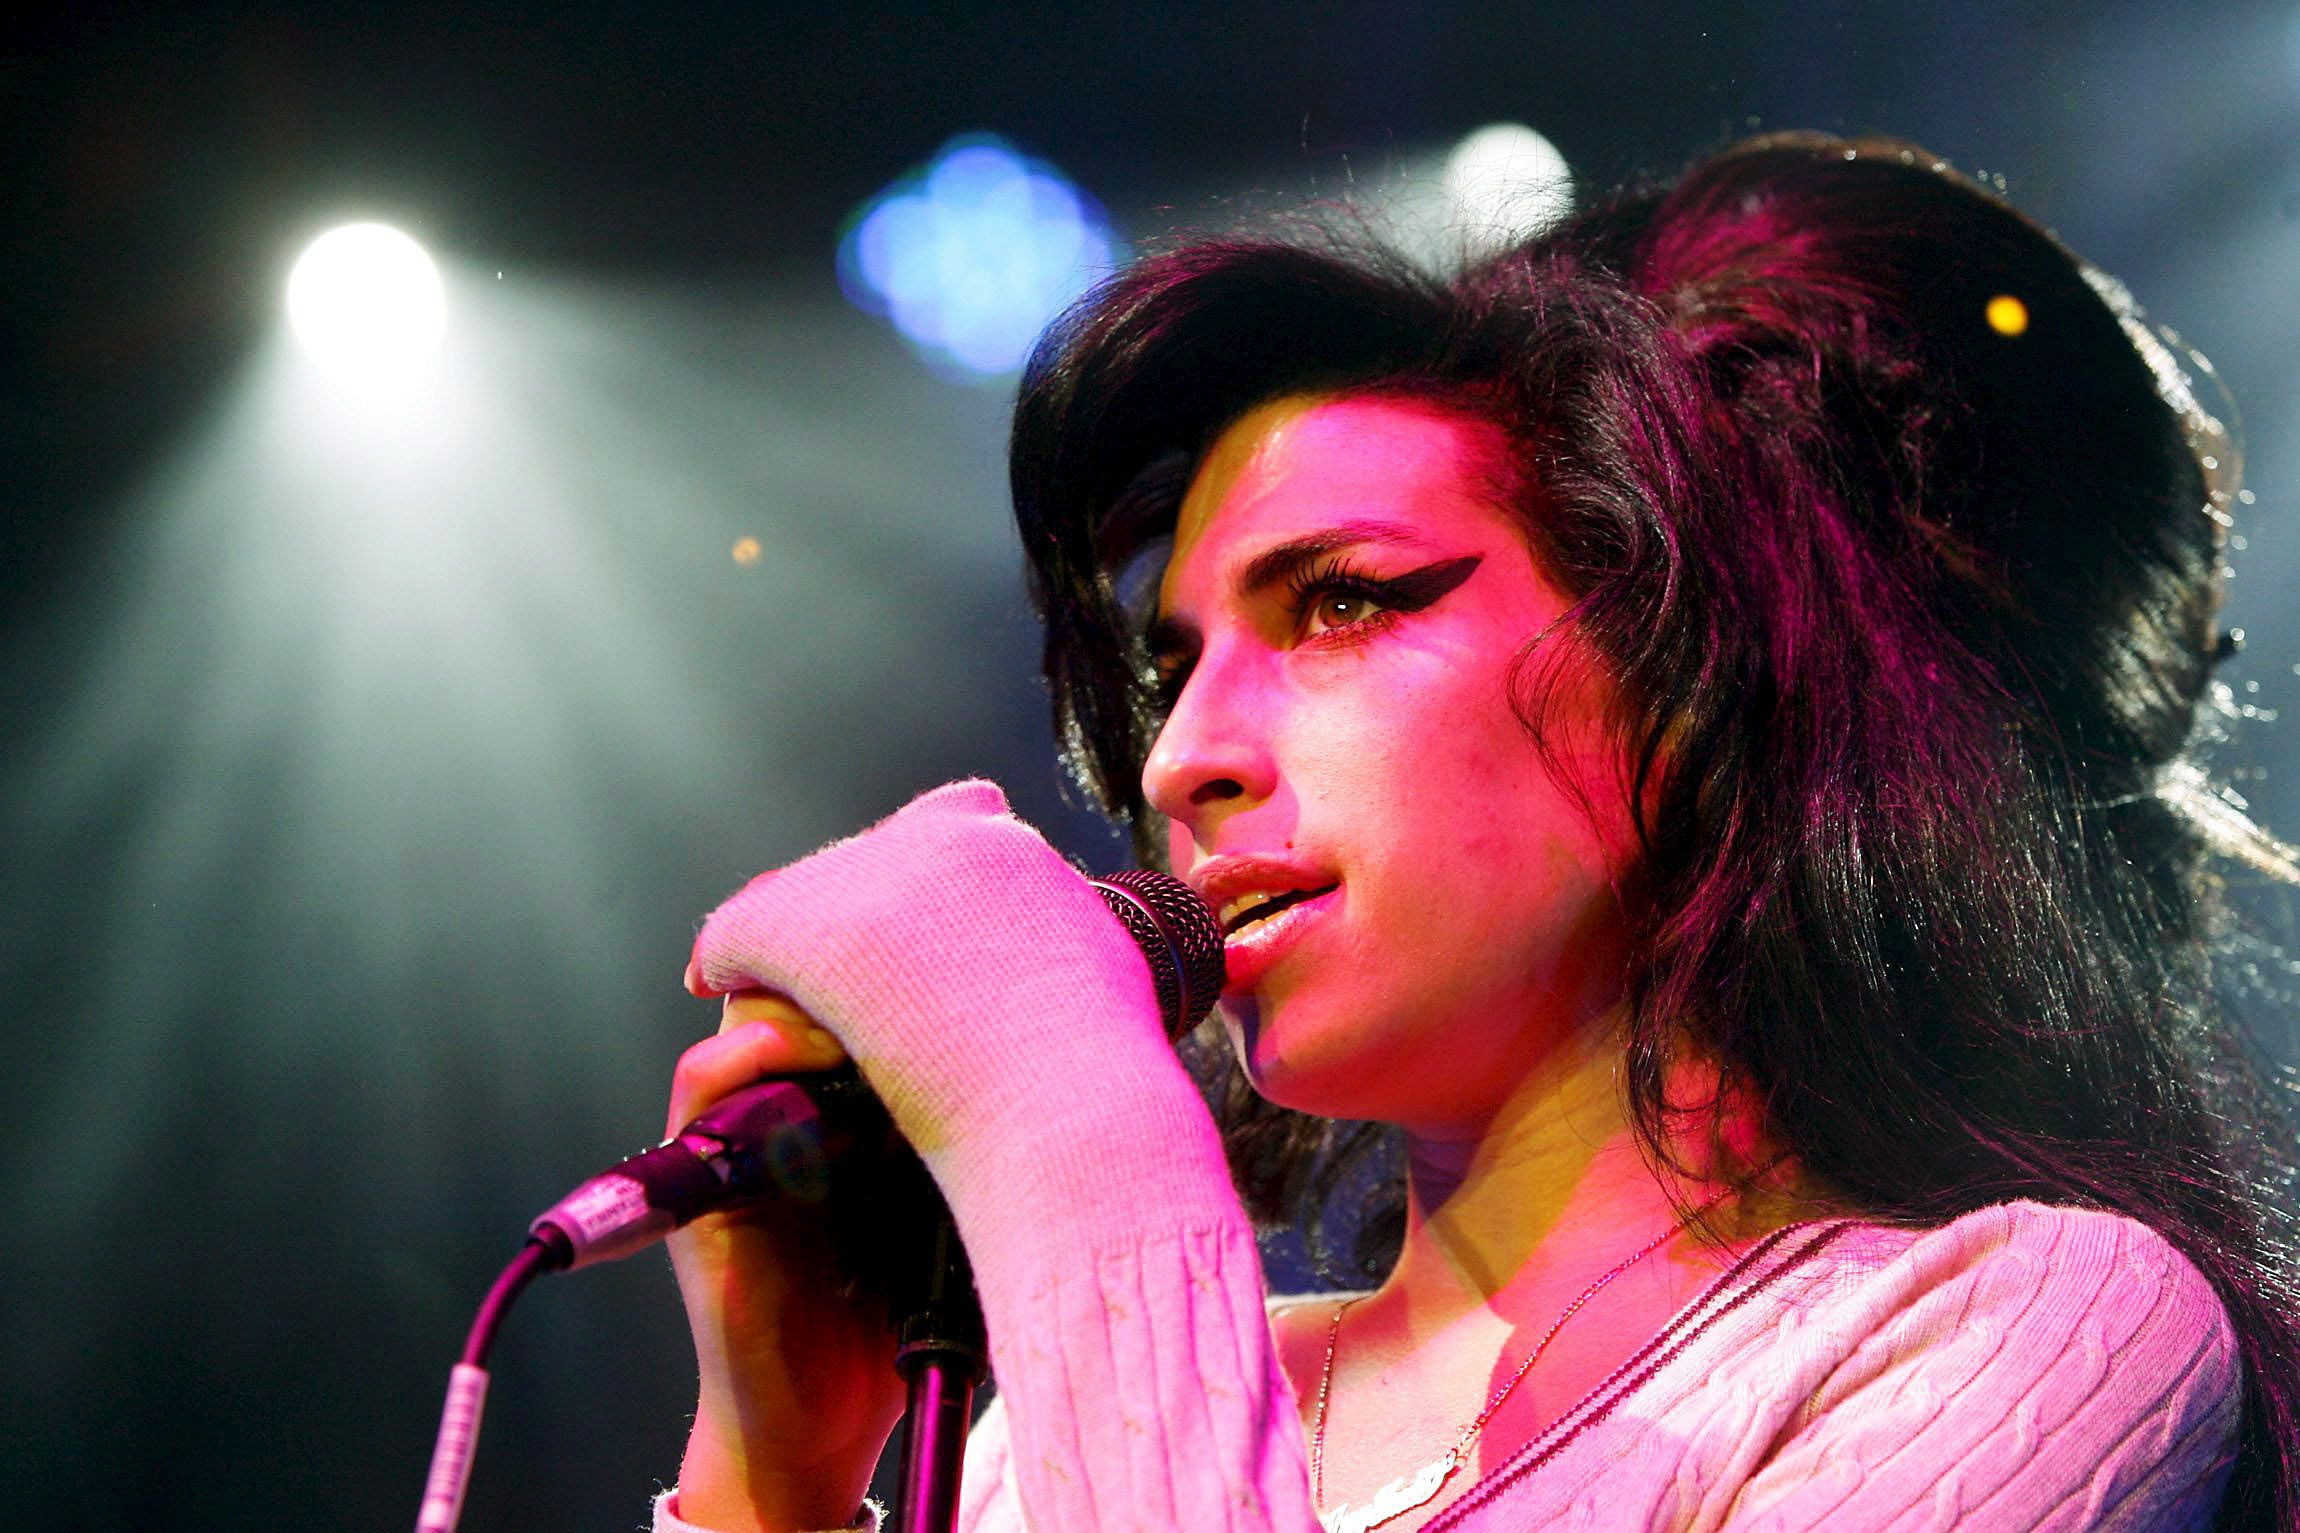 2019-aisiais į sceną trumpam sugrįš Amy Winehouse